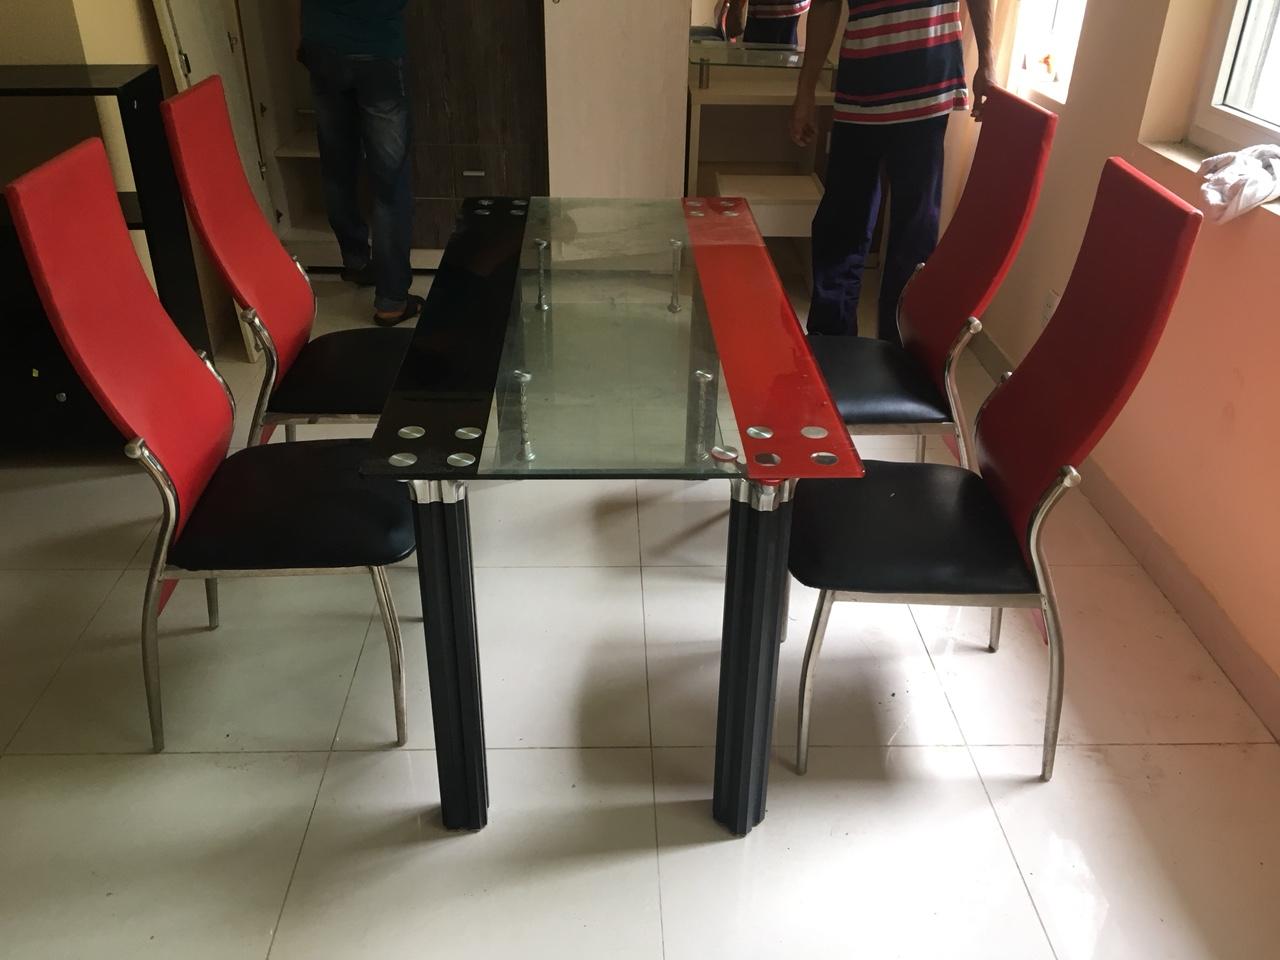 Thanh lý bộ bàn ăn 4 ghế cũ mới 90% giá rẻ